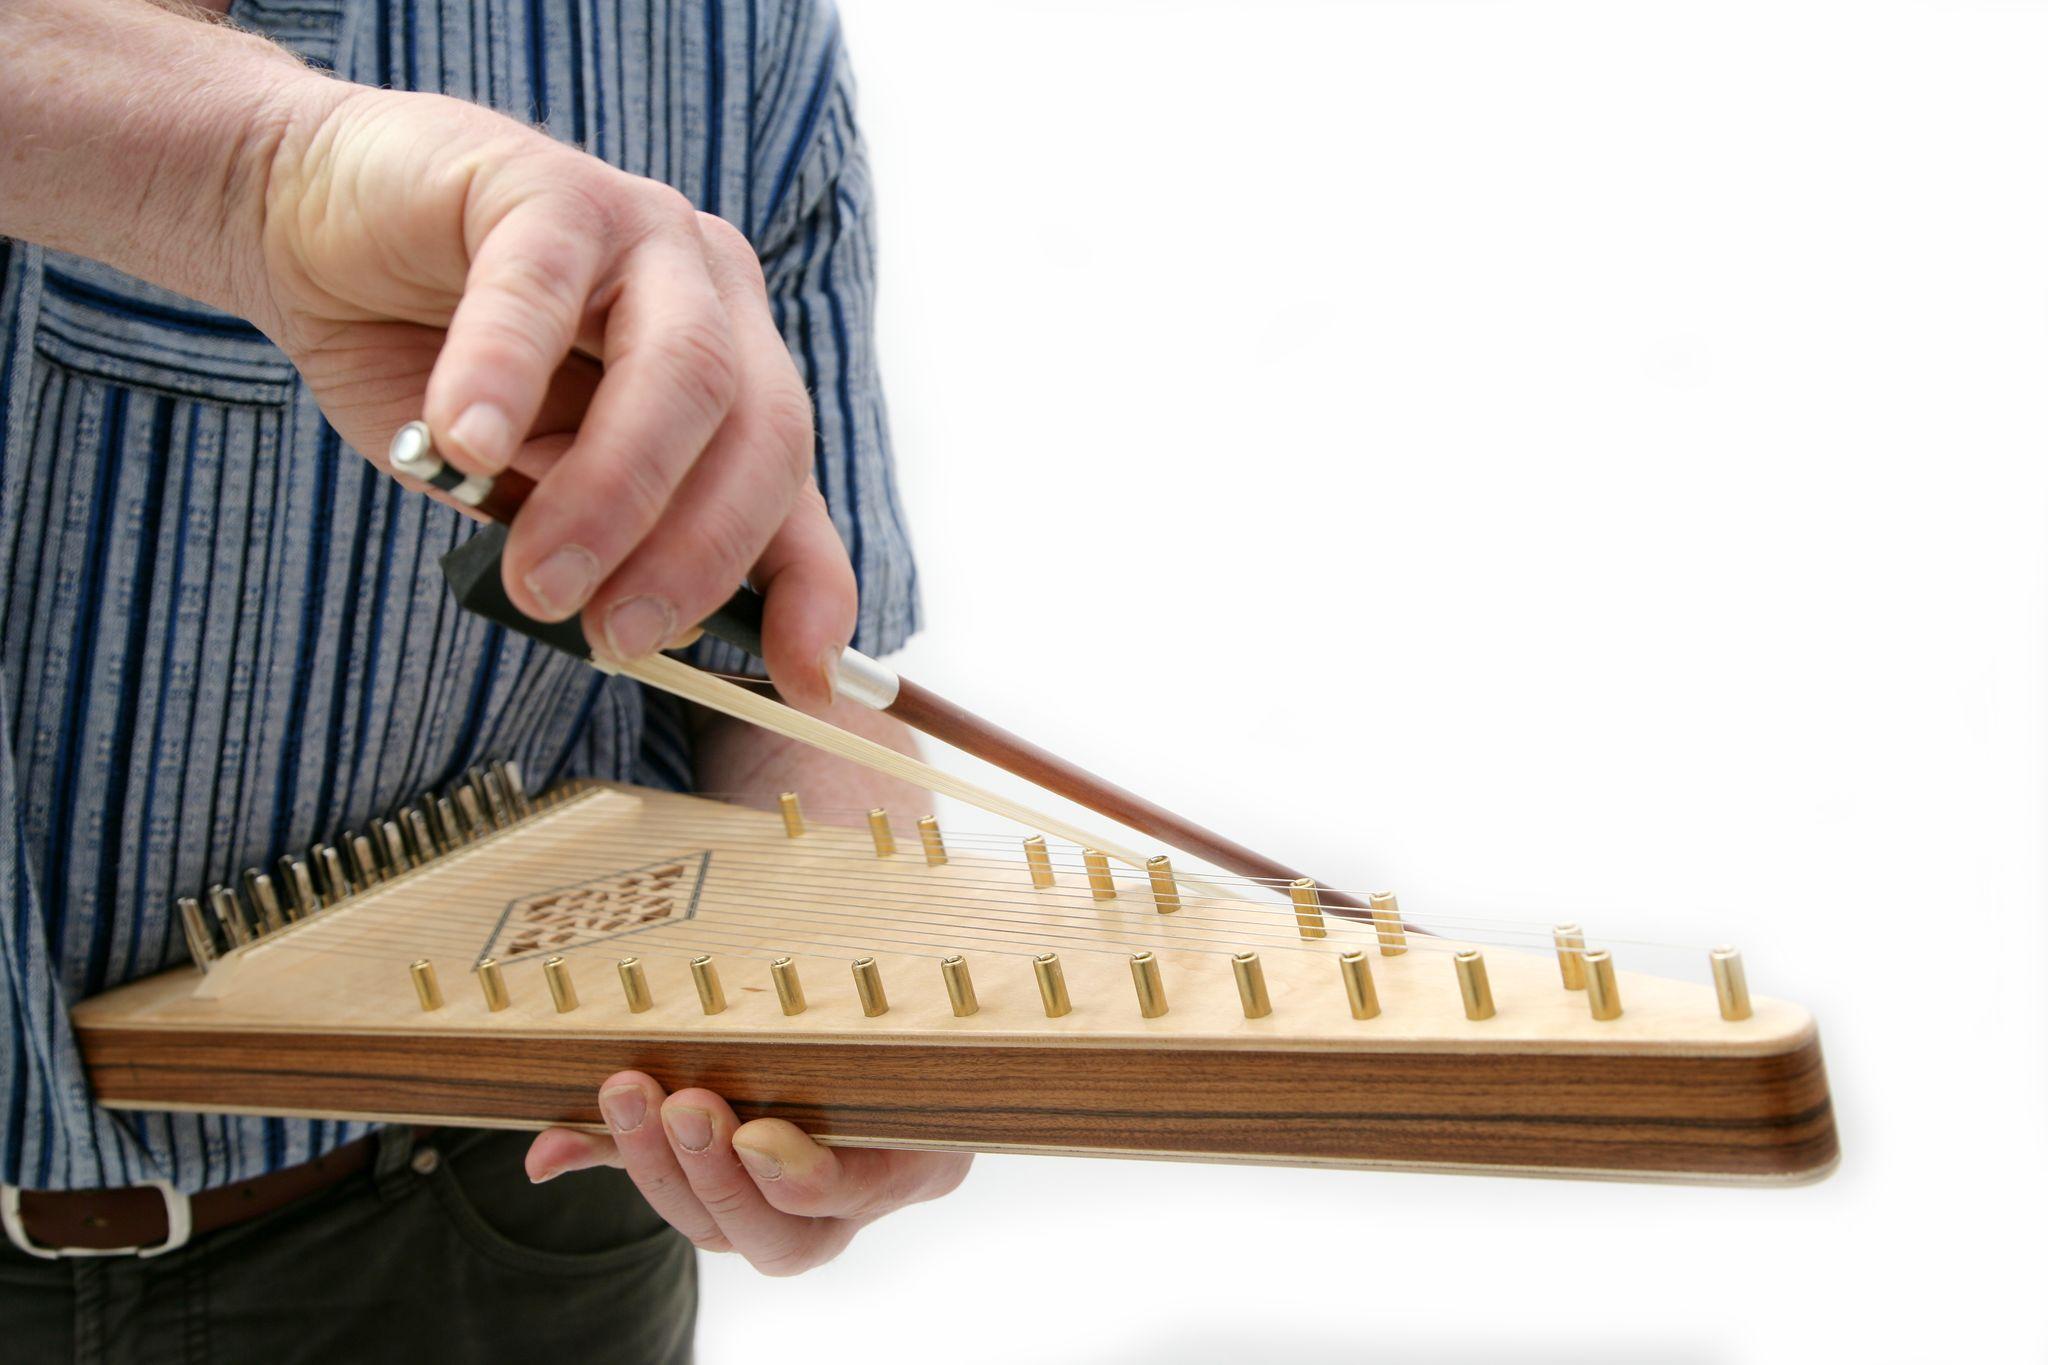 Mit einem Geigenbogen streicht jemand über über die Saiten von einem kleinen dreieckigen, dreidimensionalen Instrument aus Holz. Es hat viele Saiten von unten nach oben über den Korpus gespannt, die von kurzen Metallstiften umringt sind.